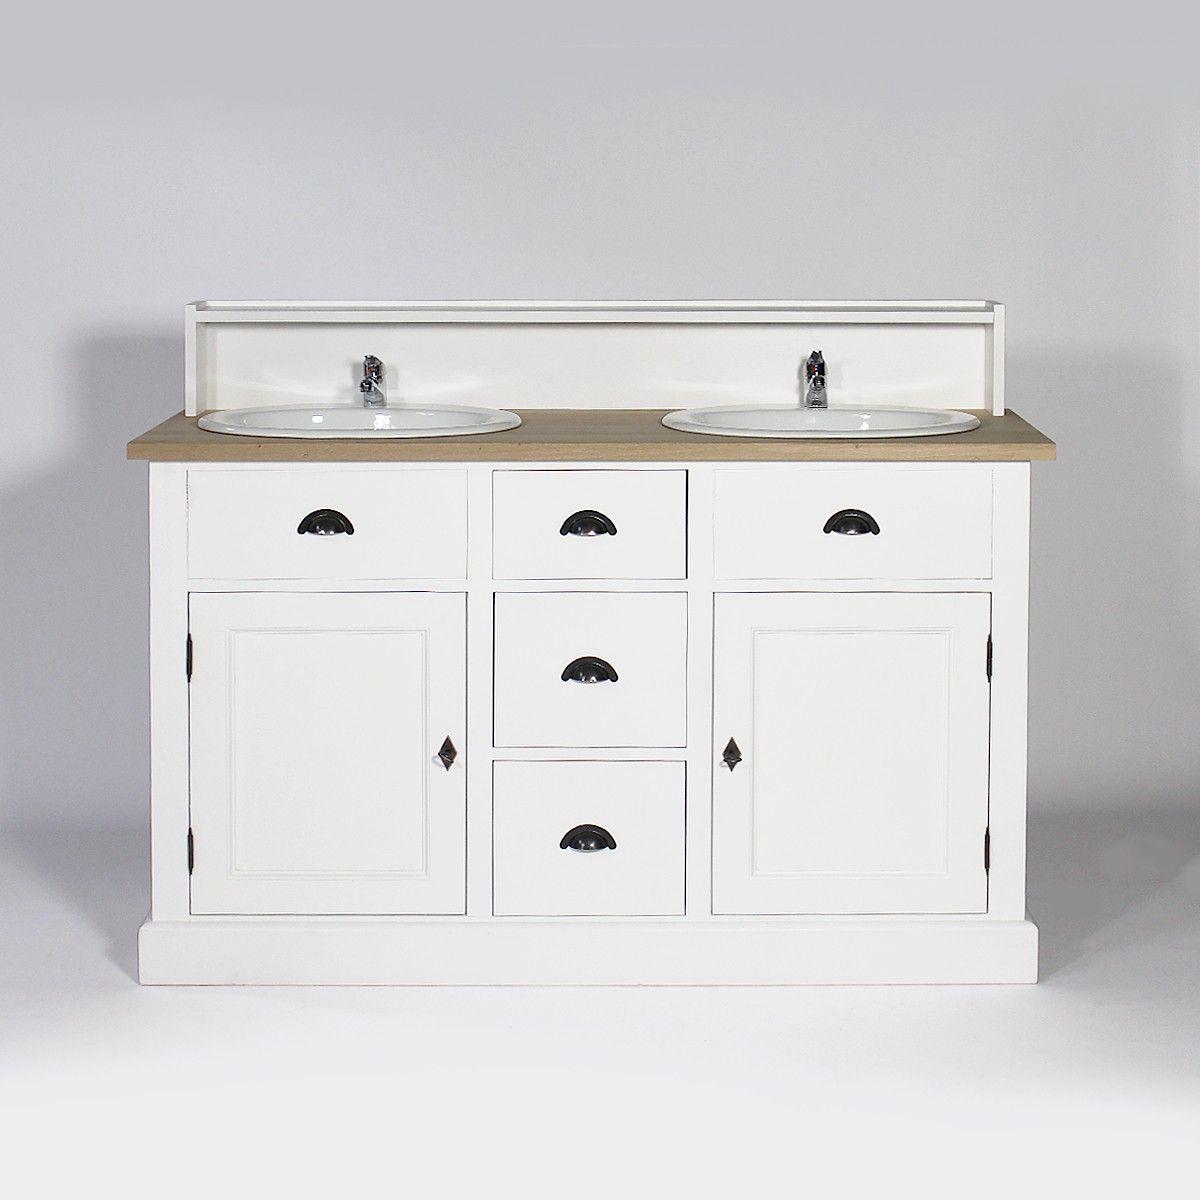 Meuble salle de bain bois massif 2 vasques 2 portes 3 tiroirs avec